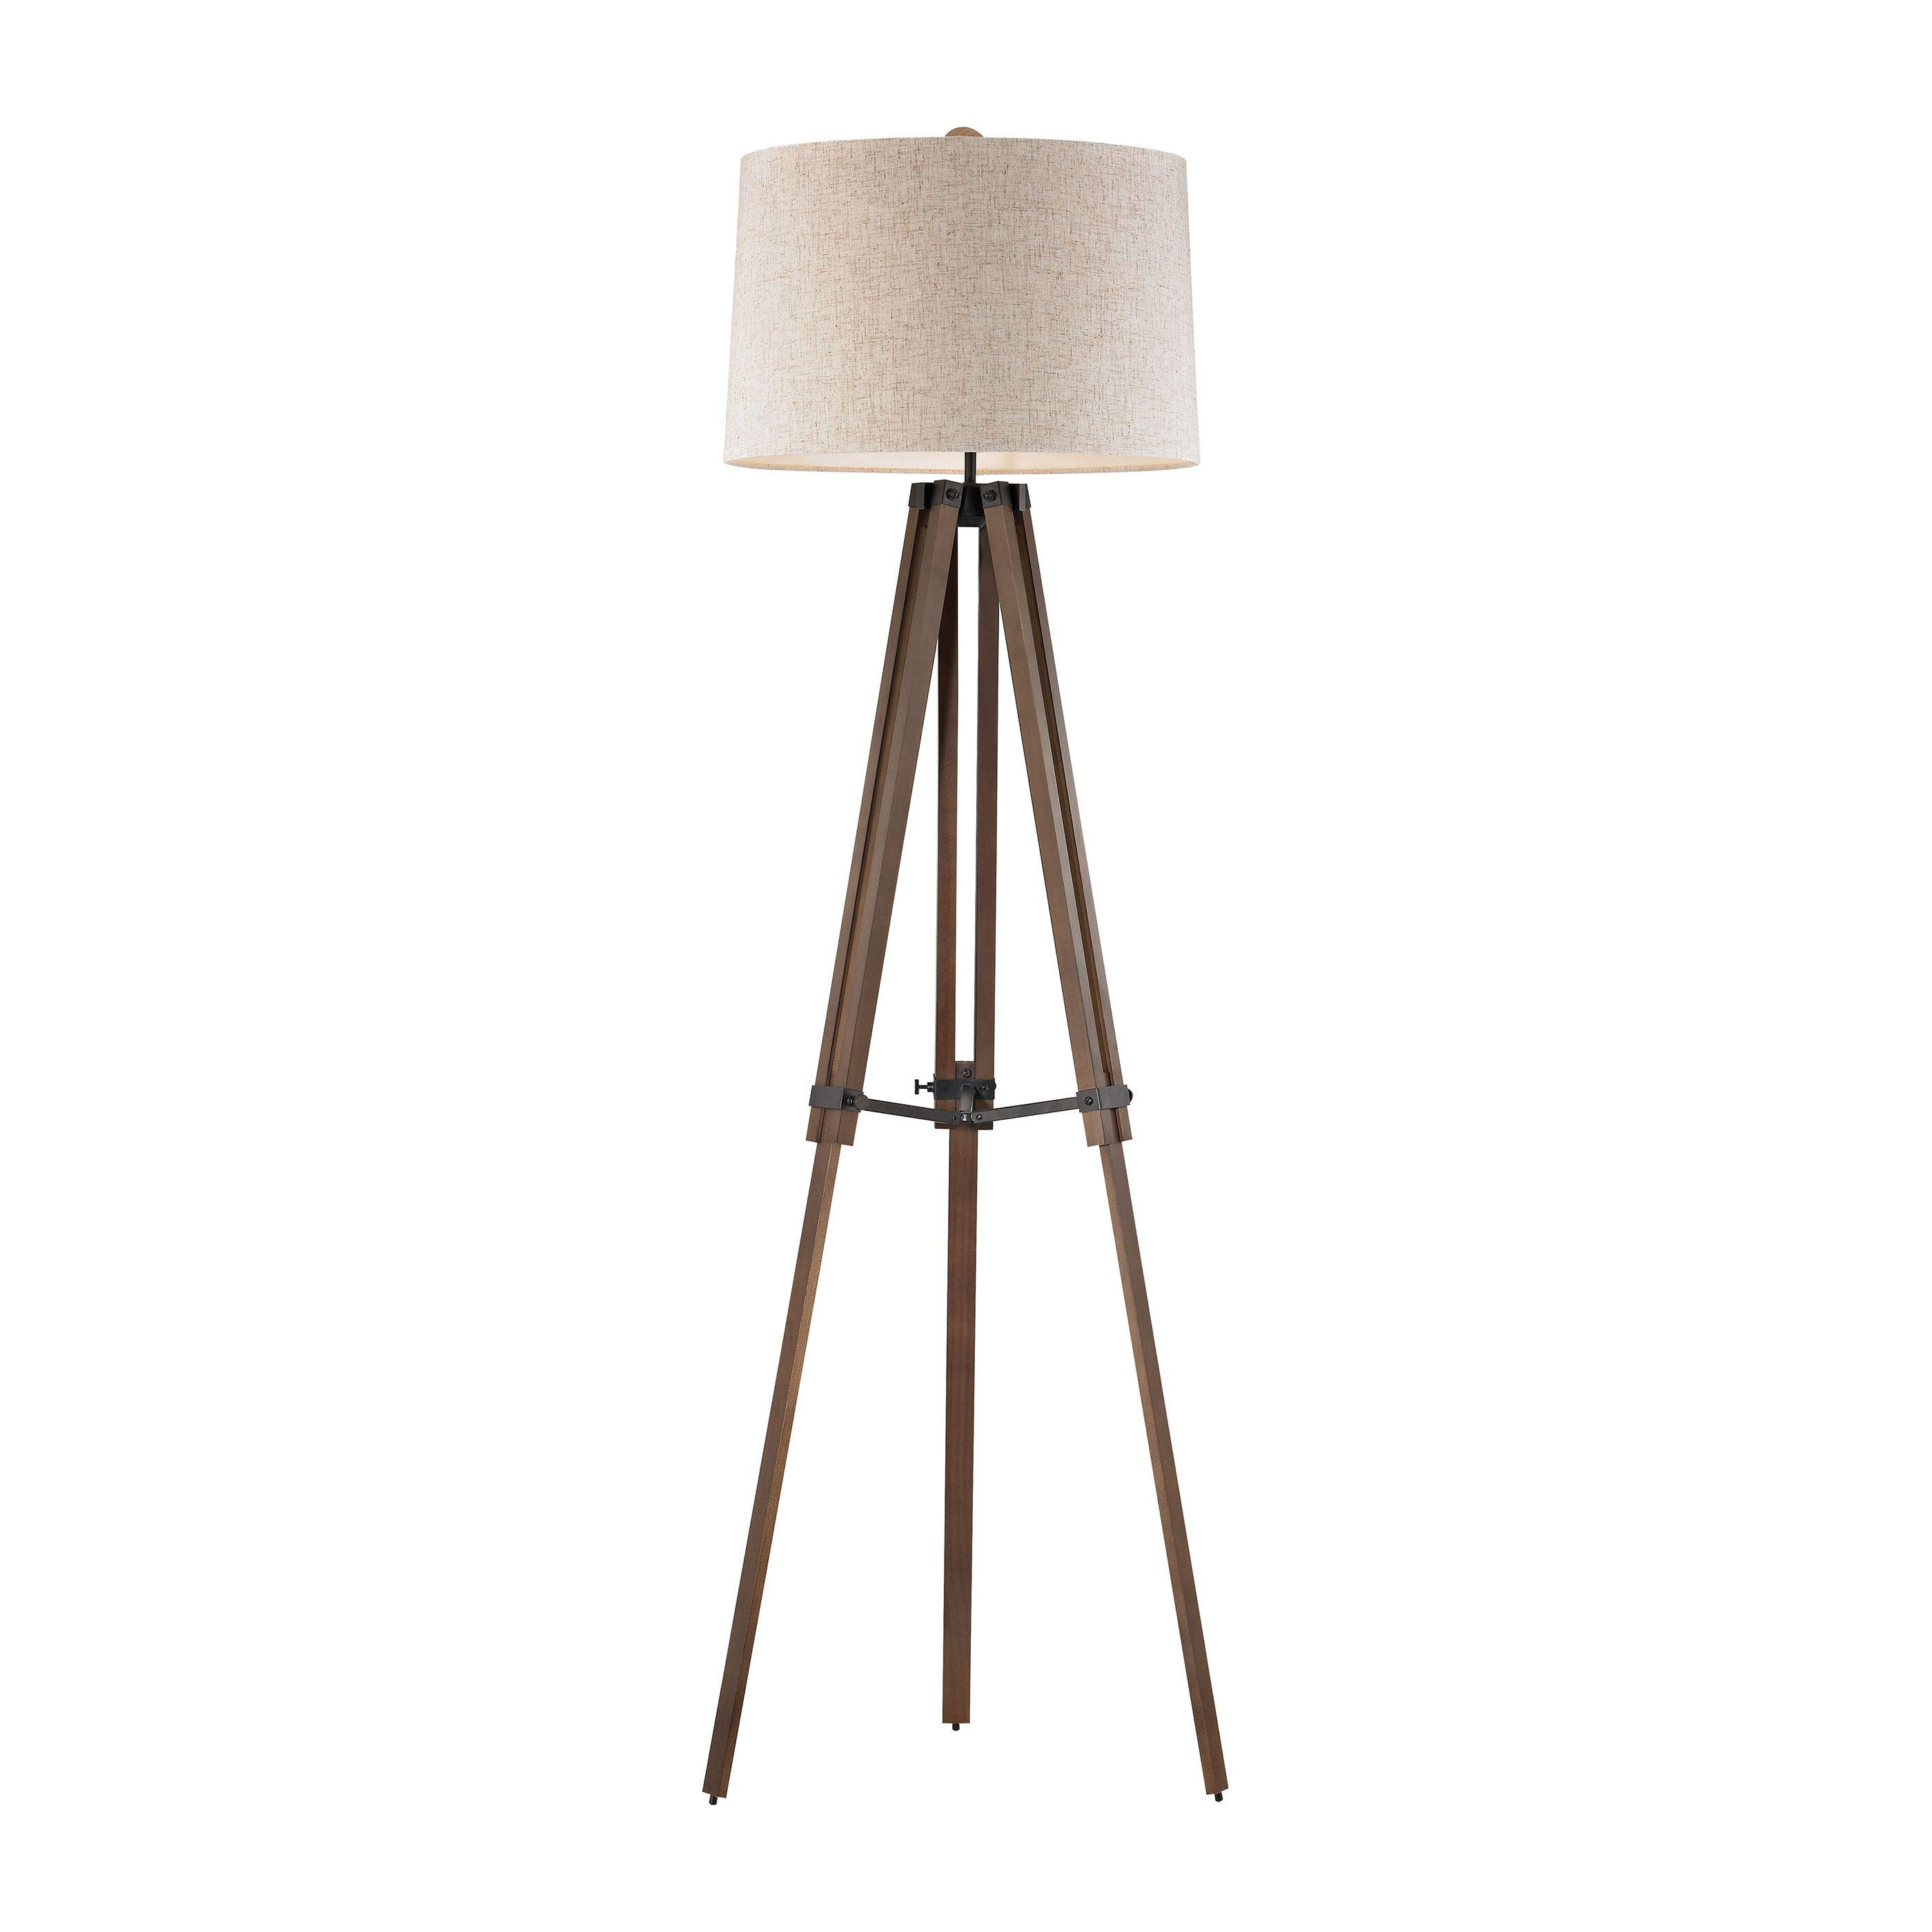 Wooden Brace Tripod Floor Lamp in 2020 Wooden tripod